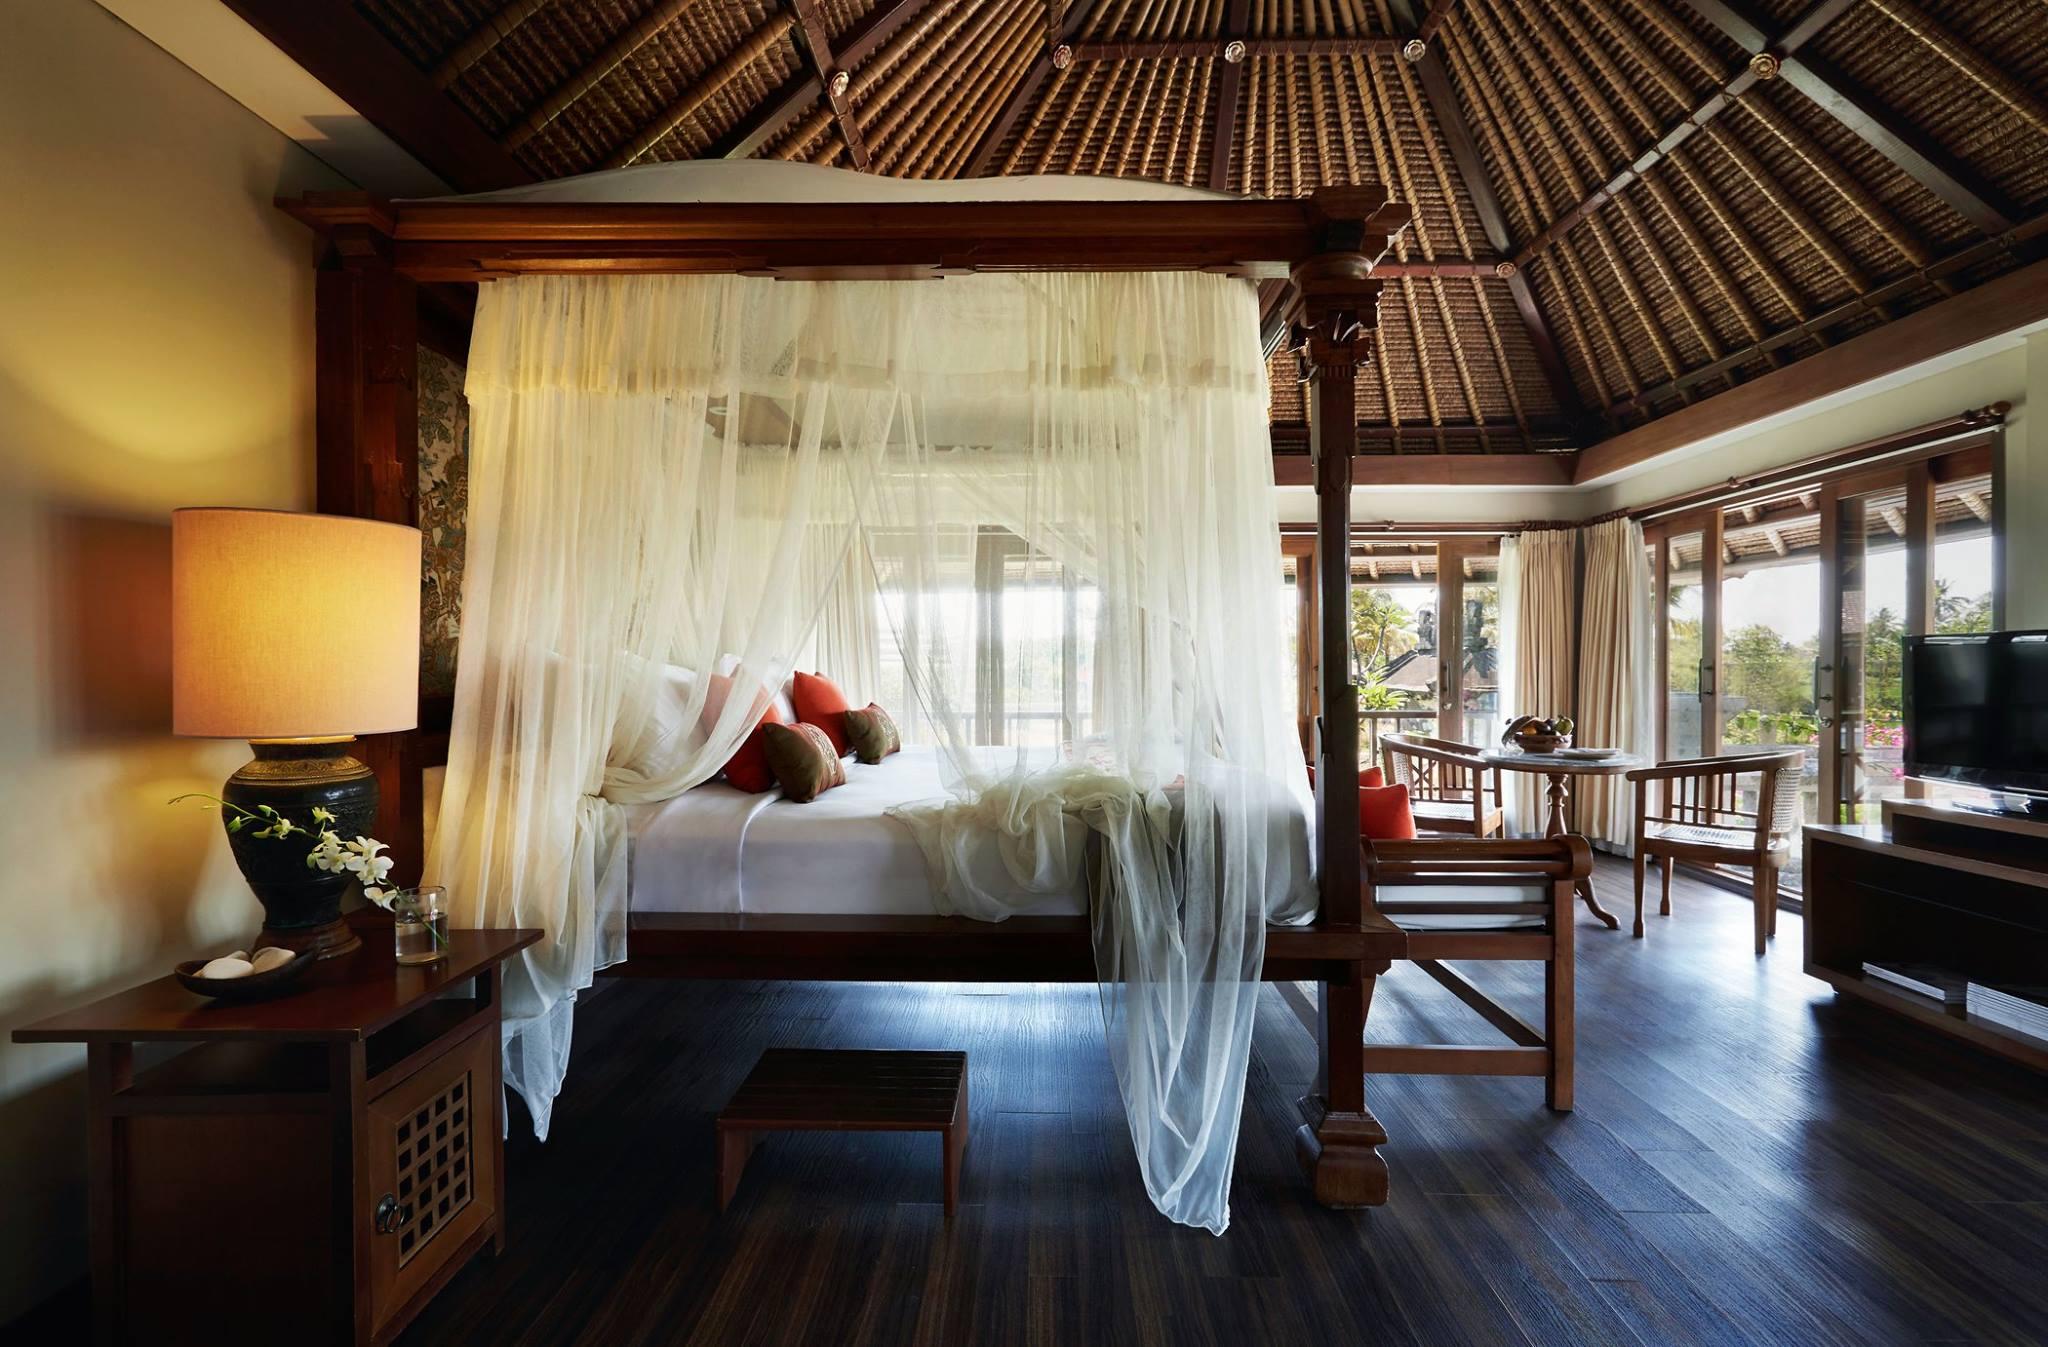 kamandalu-ubud-retreat-center-indonesia-11